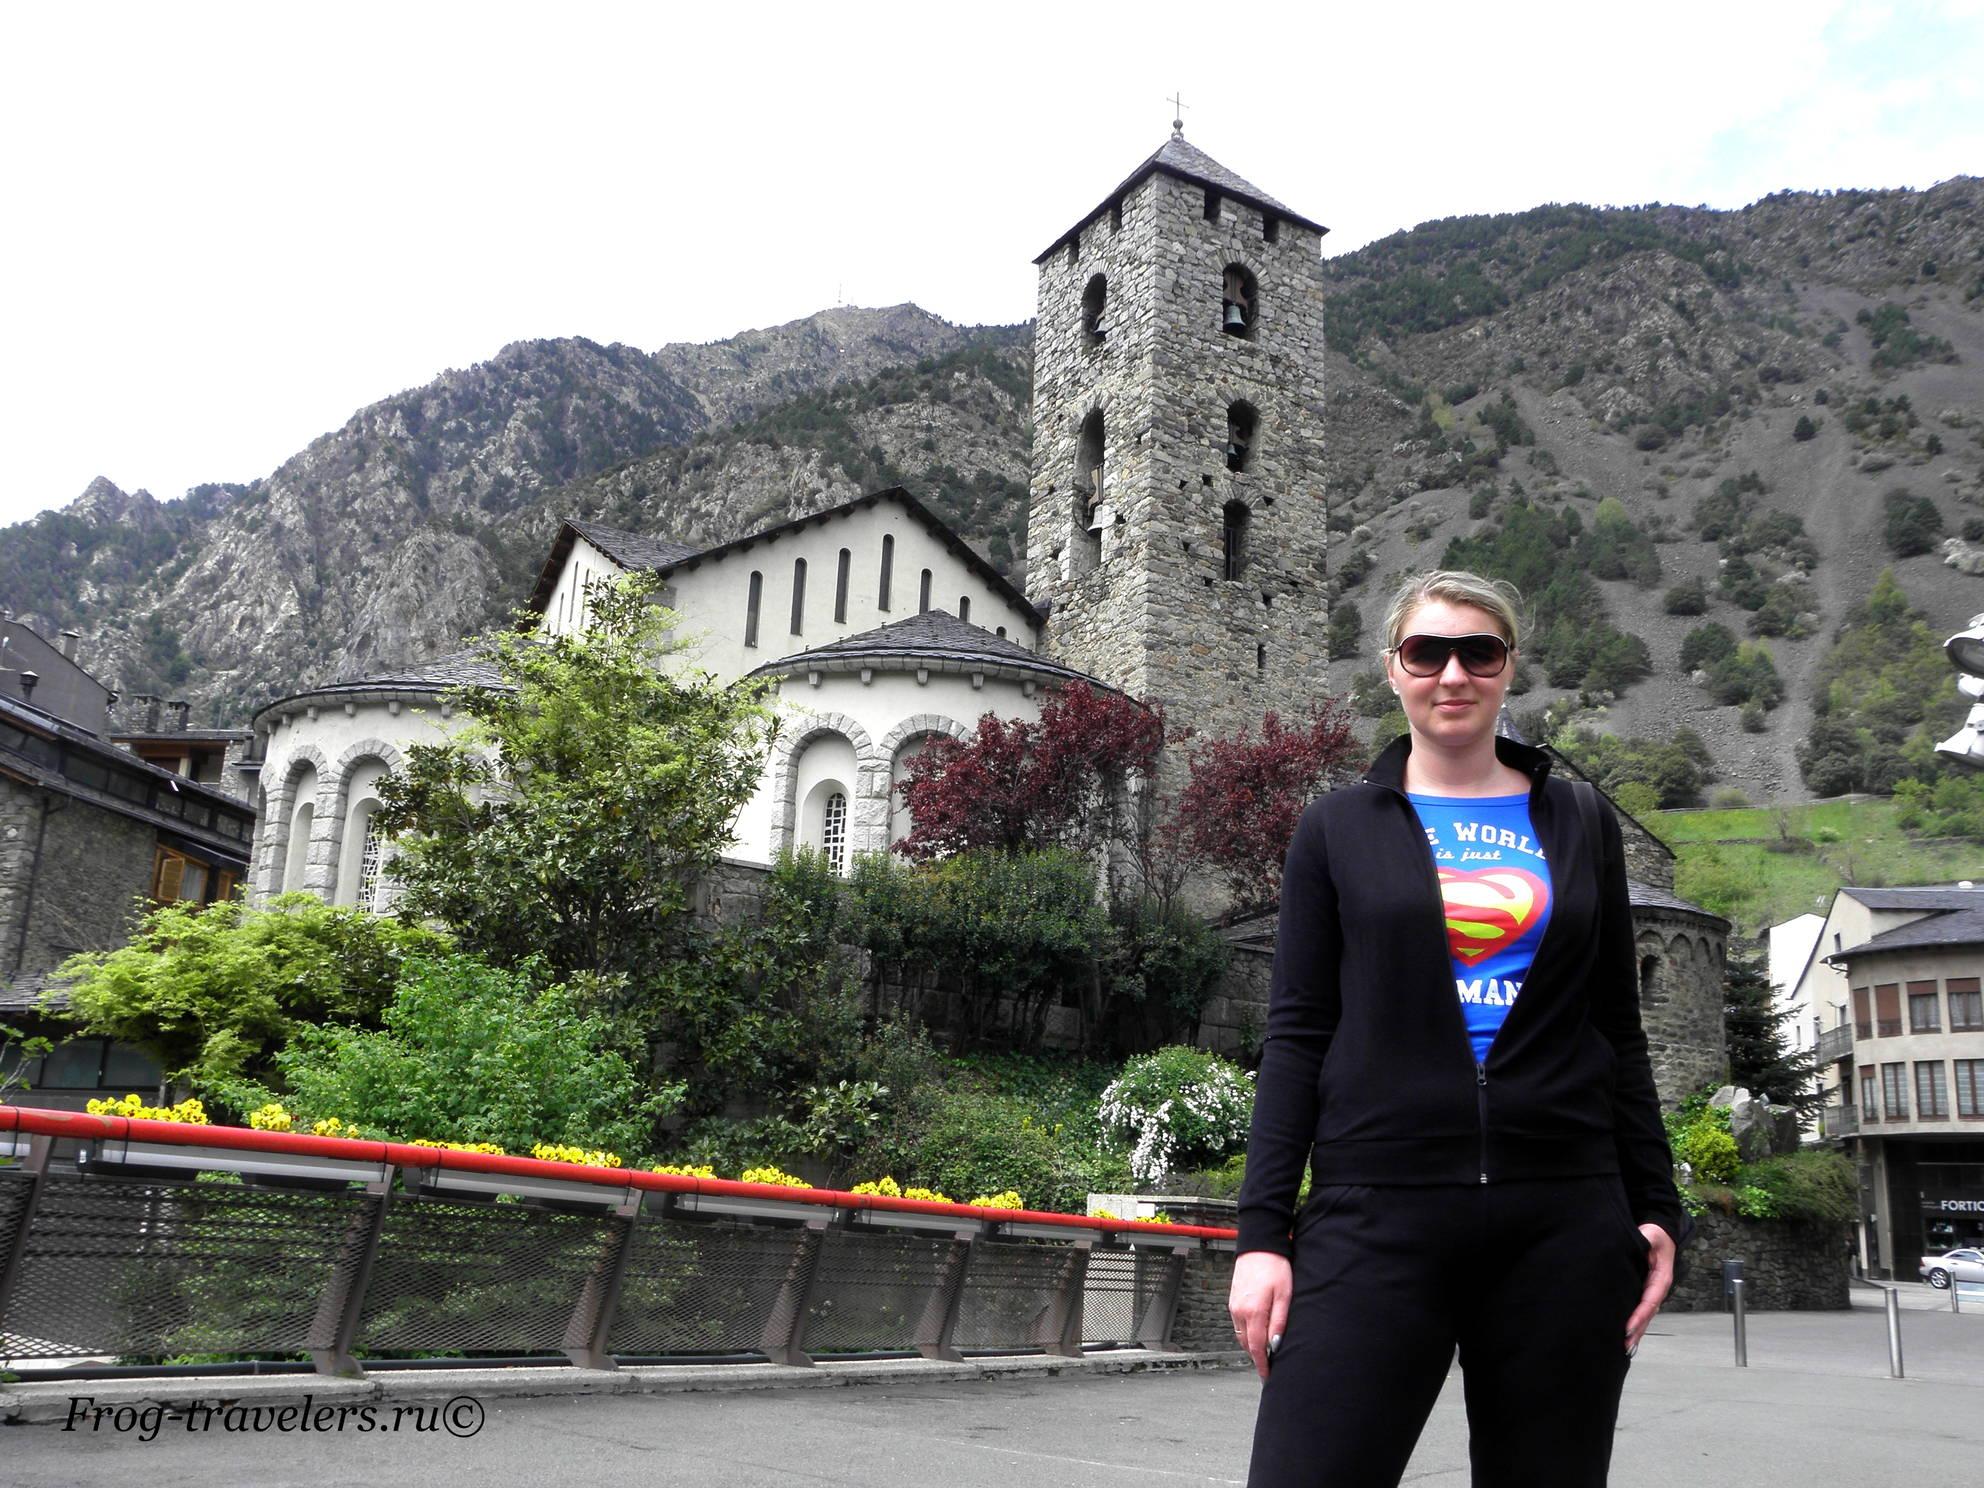 Андорра. Андорра-ла-Велья. Достопримечательности. Церковь Святого Стивена